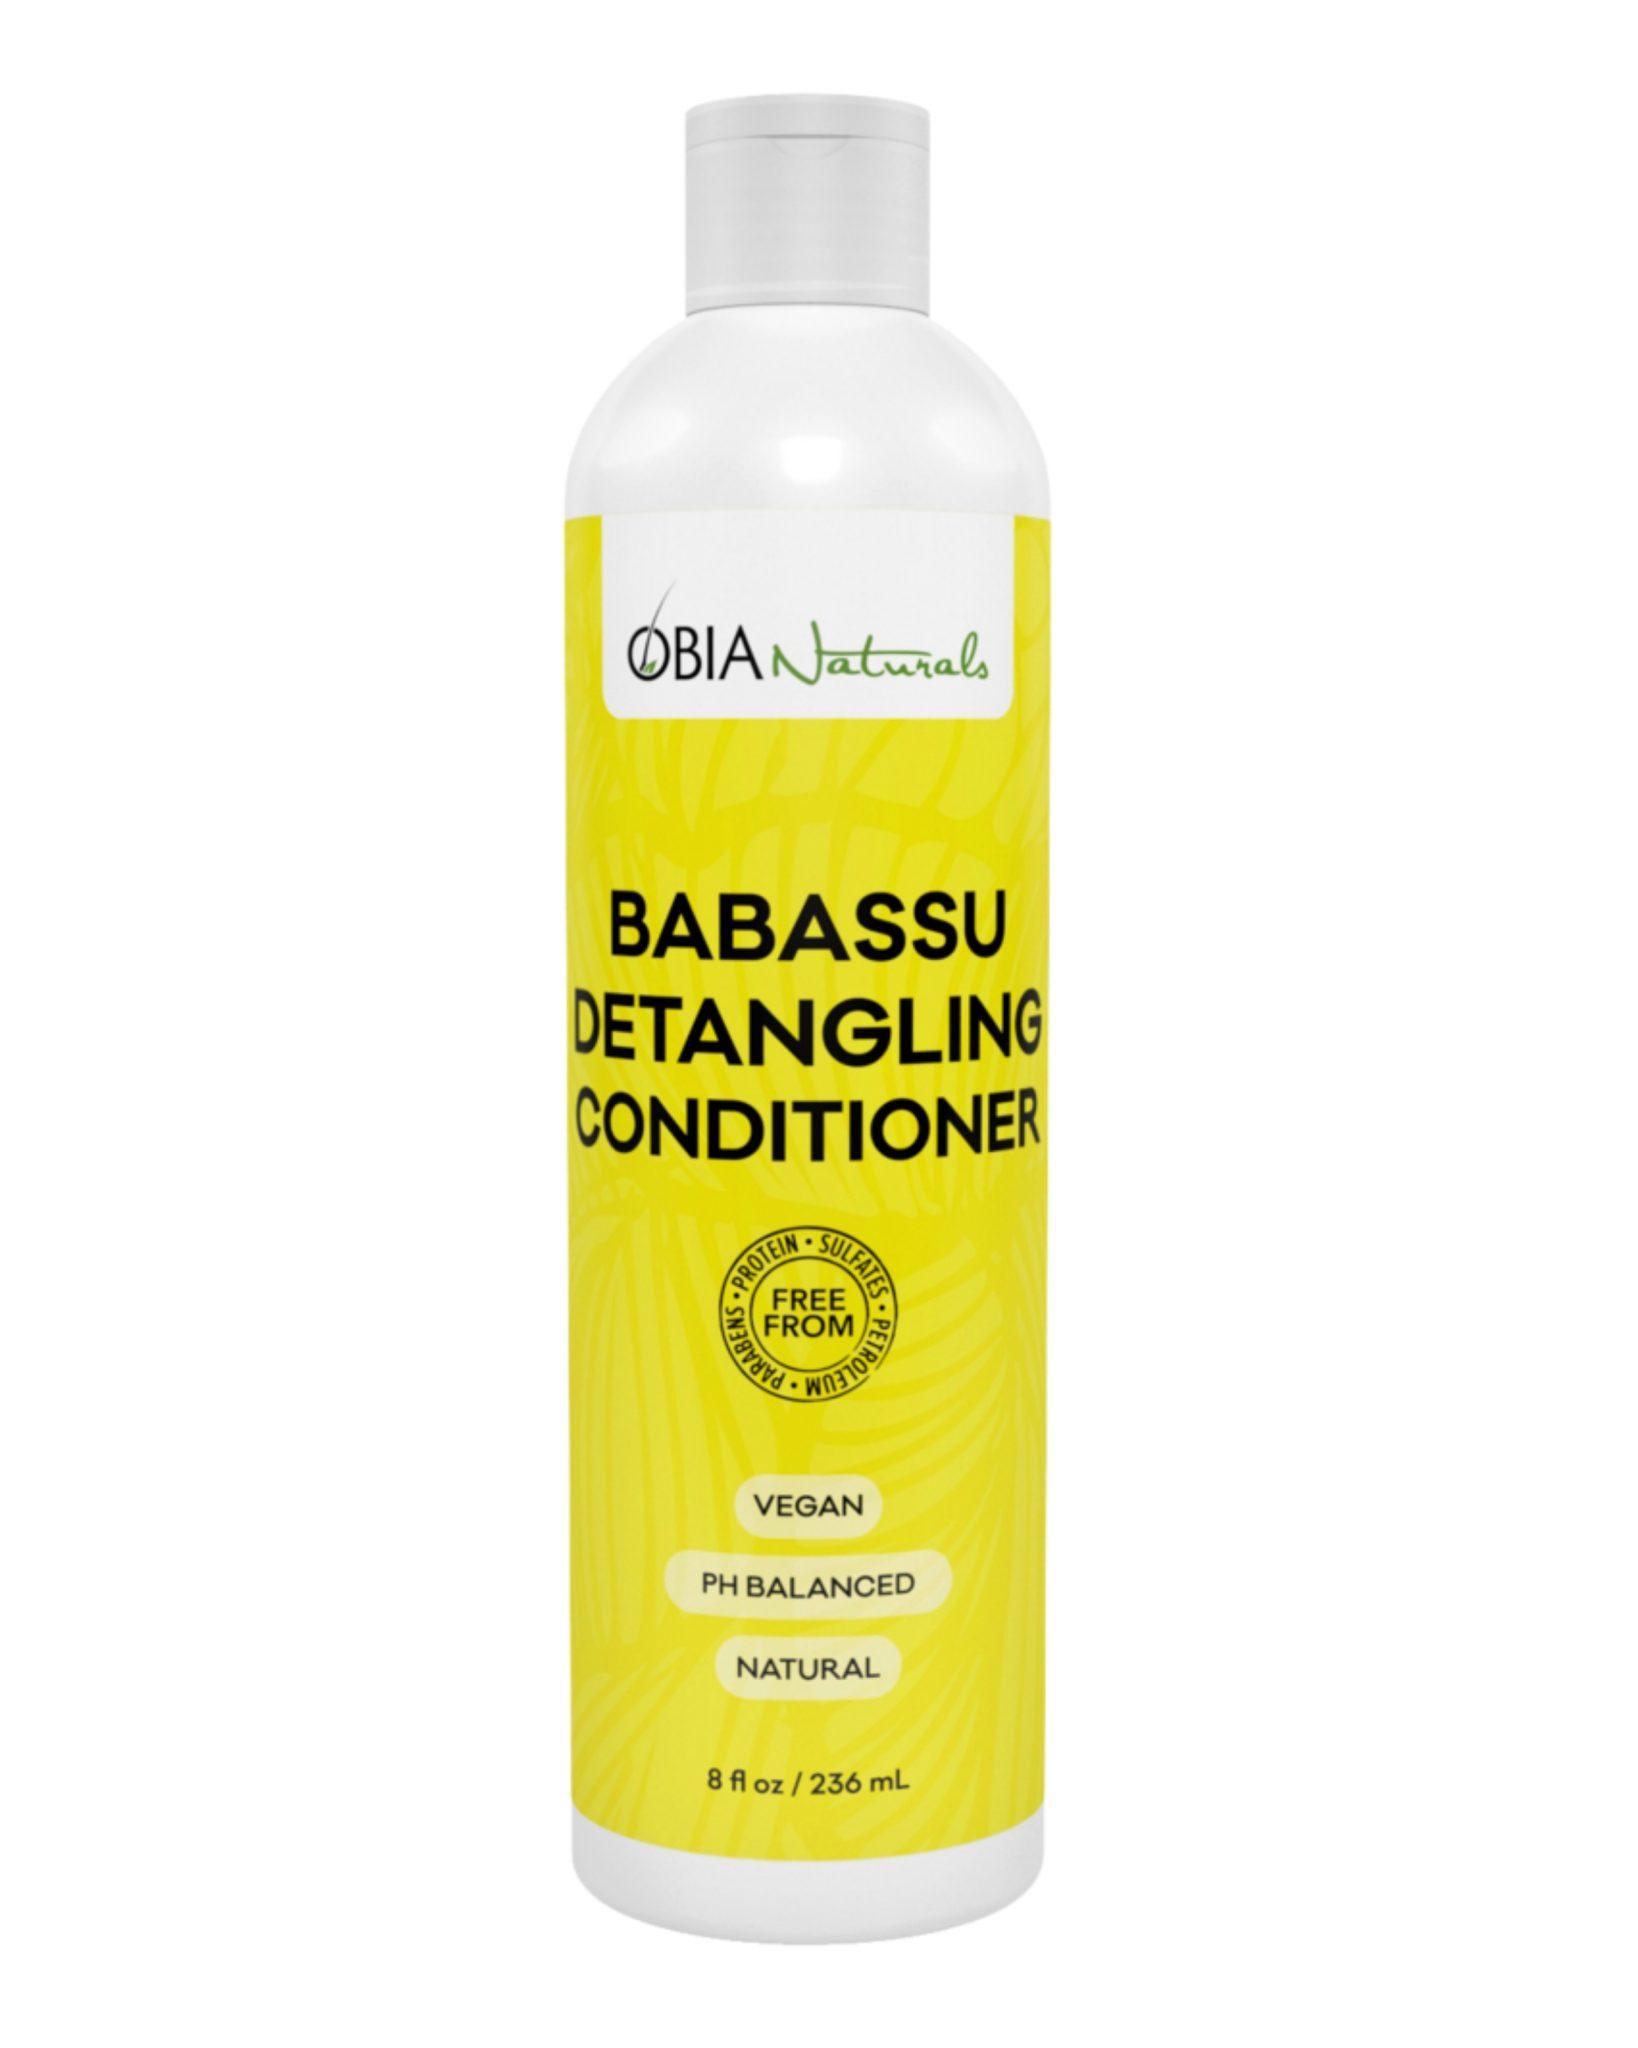 OBIA Naturals Babassu Detangling Conditioner 8Oz